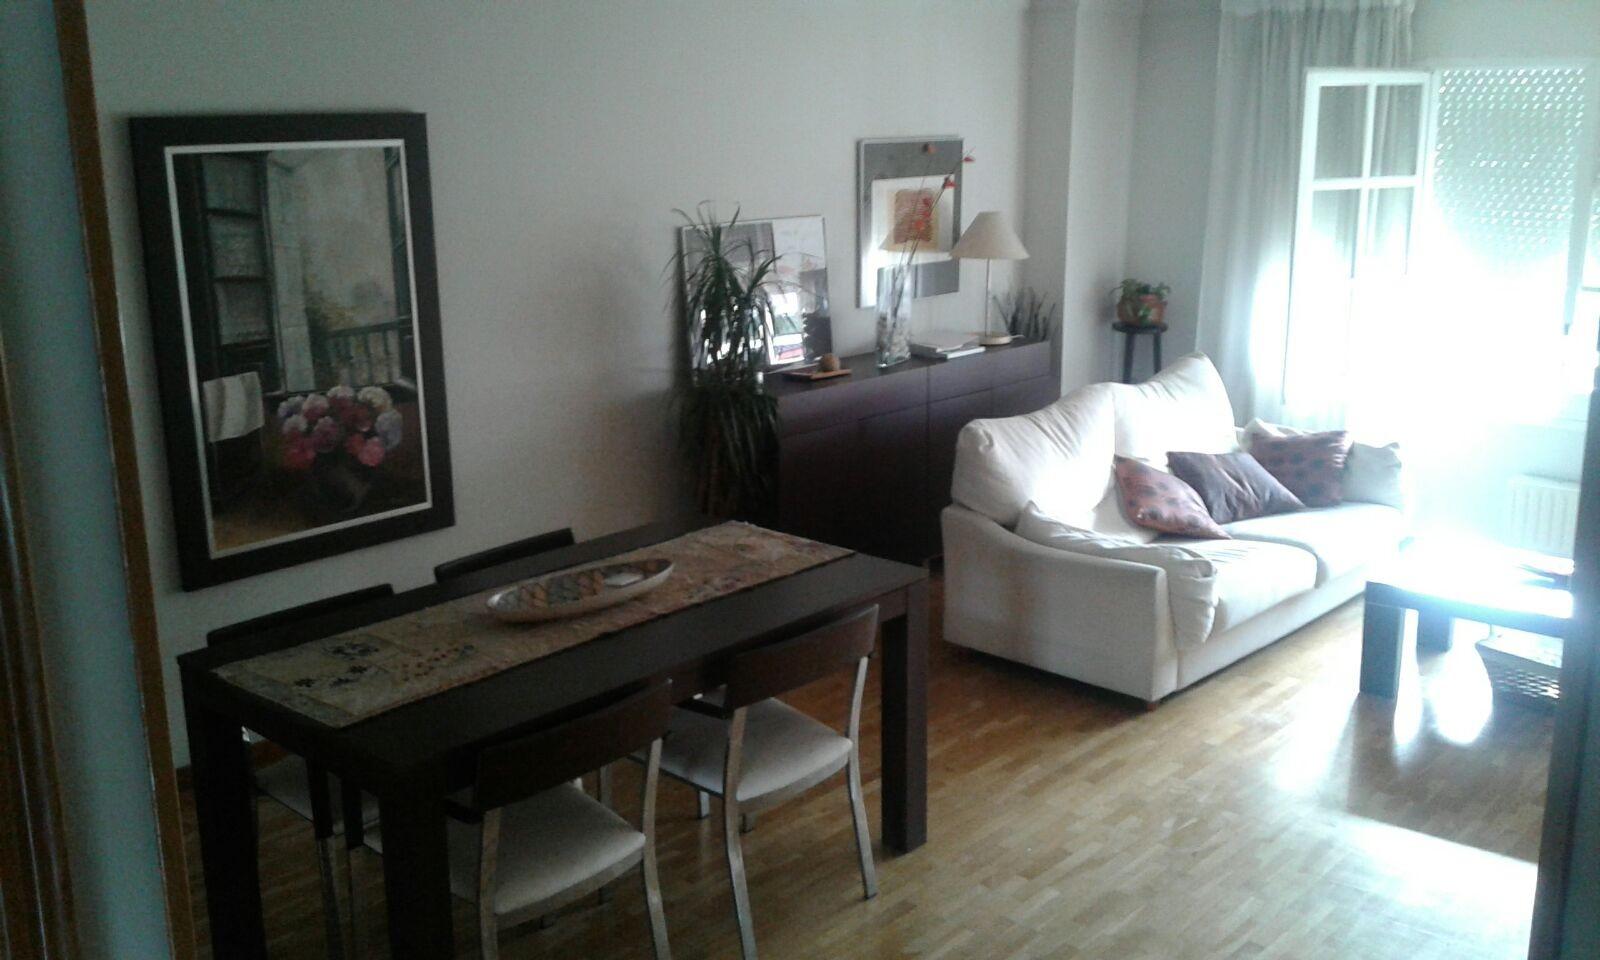 Habitaci n grande con mucho sol amueblada con cama doble for Cama individual que se hace doble